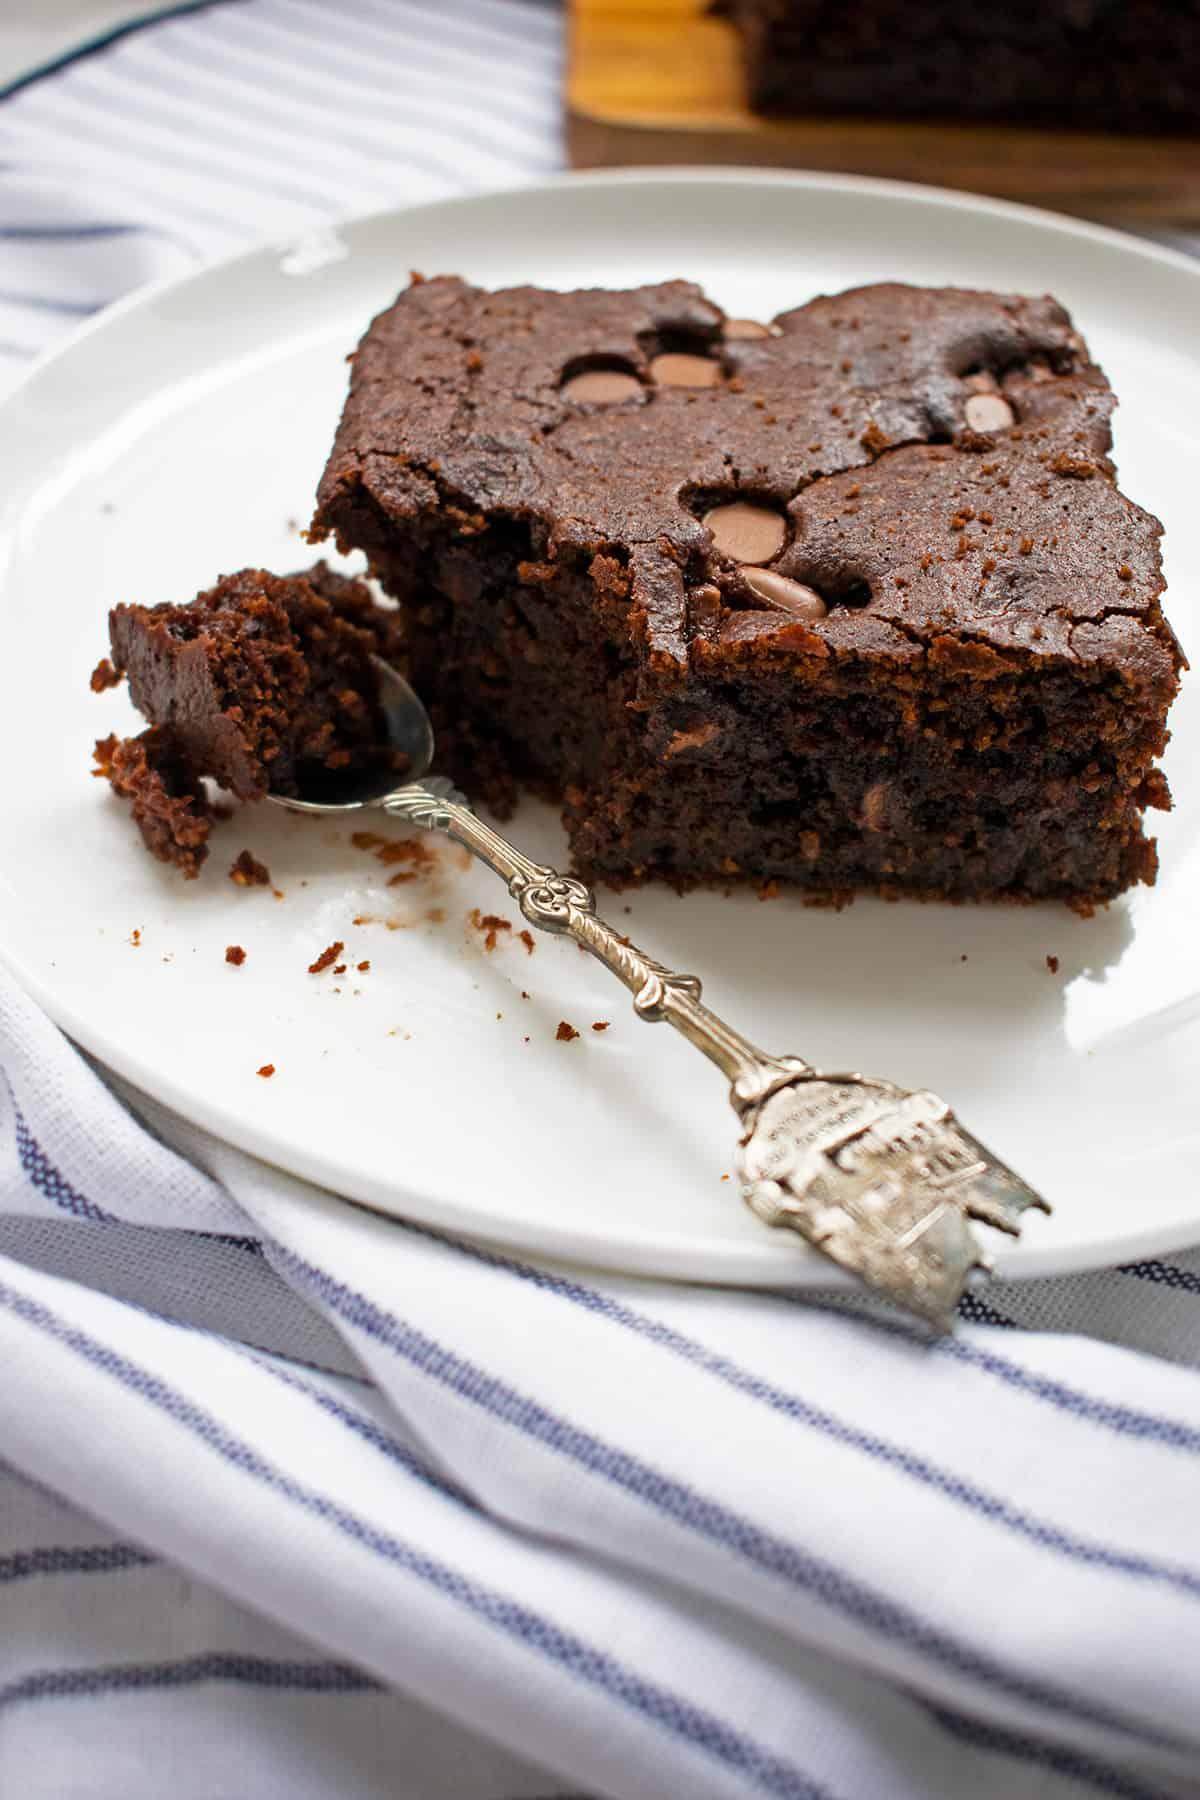 brownie de chocolate servido en un plato blanco con una cuchara pequeña